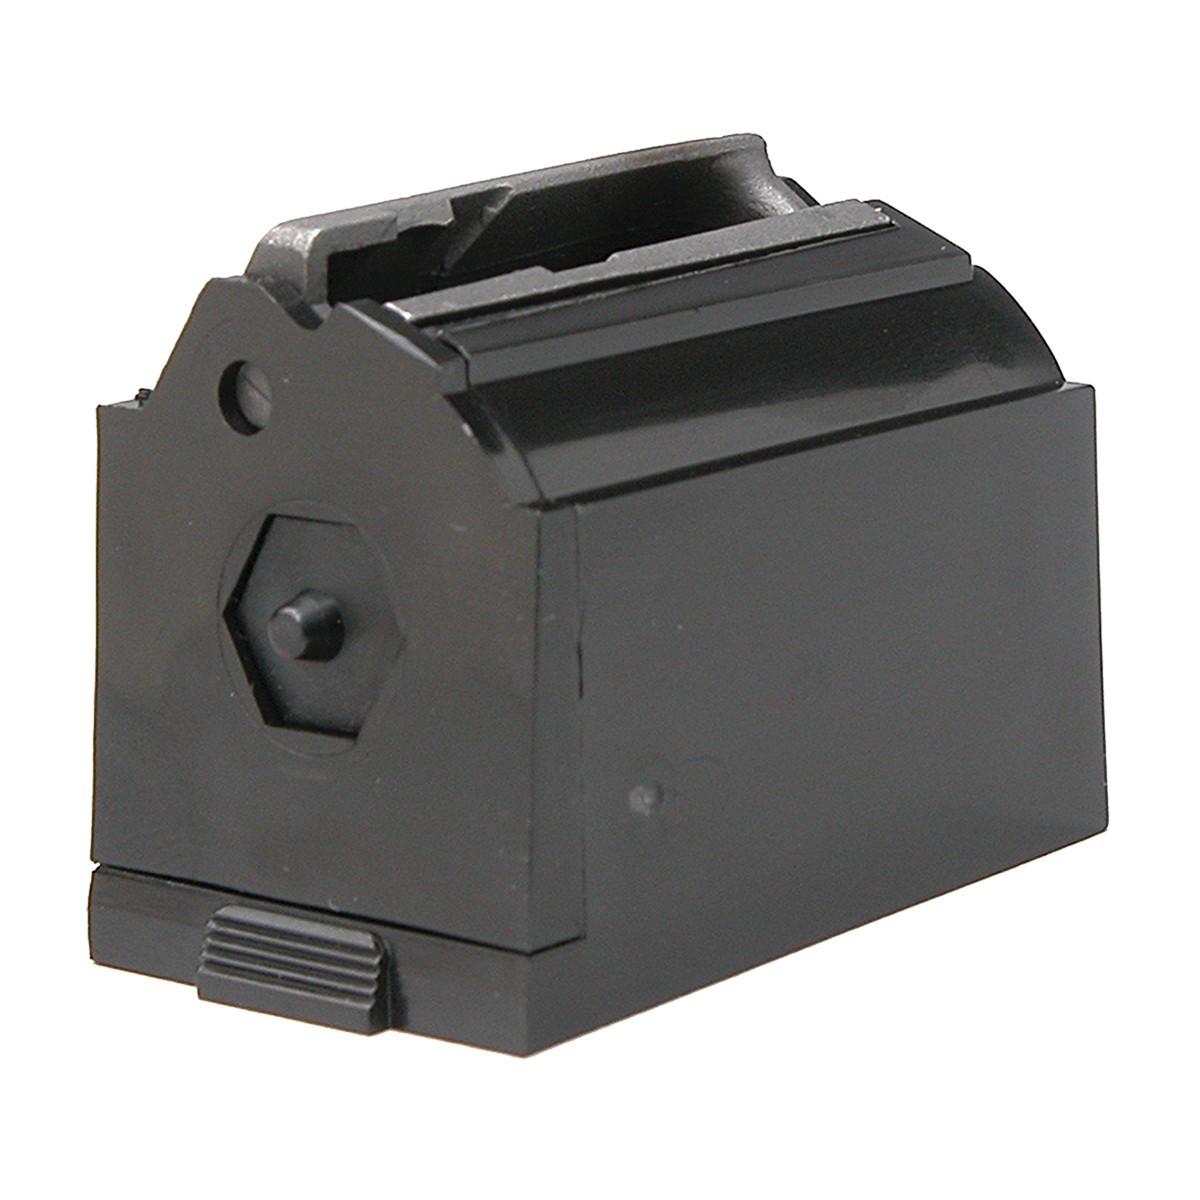 PRÉ-VENDA - Carregador Rifle Ruger JMX-1 para Calibre 22 WMR e 17 HMR